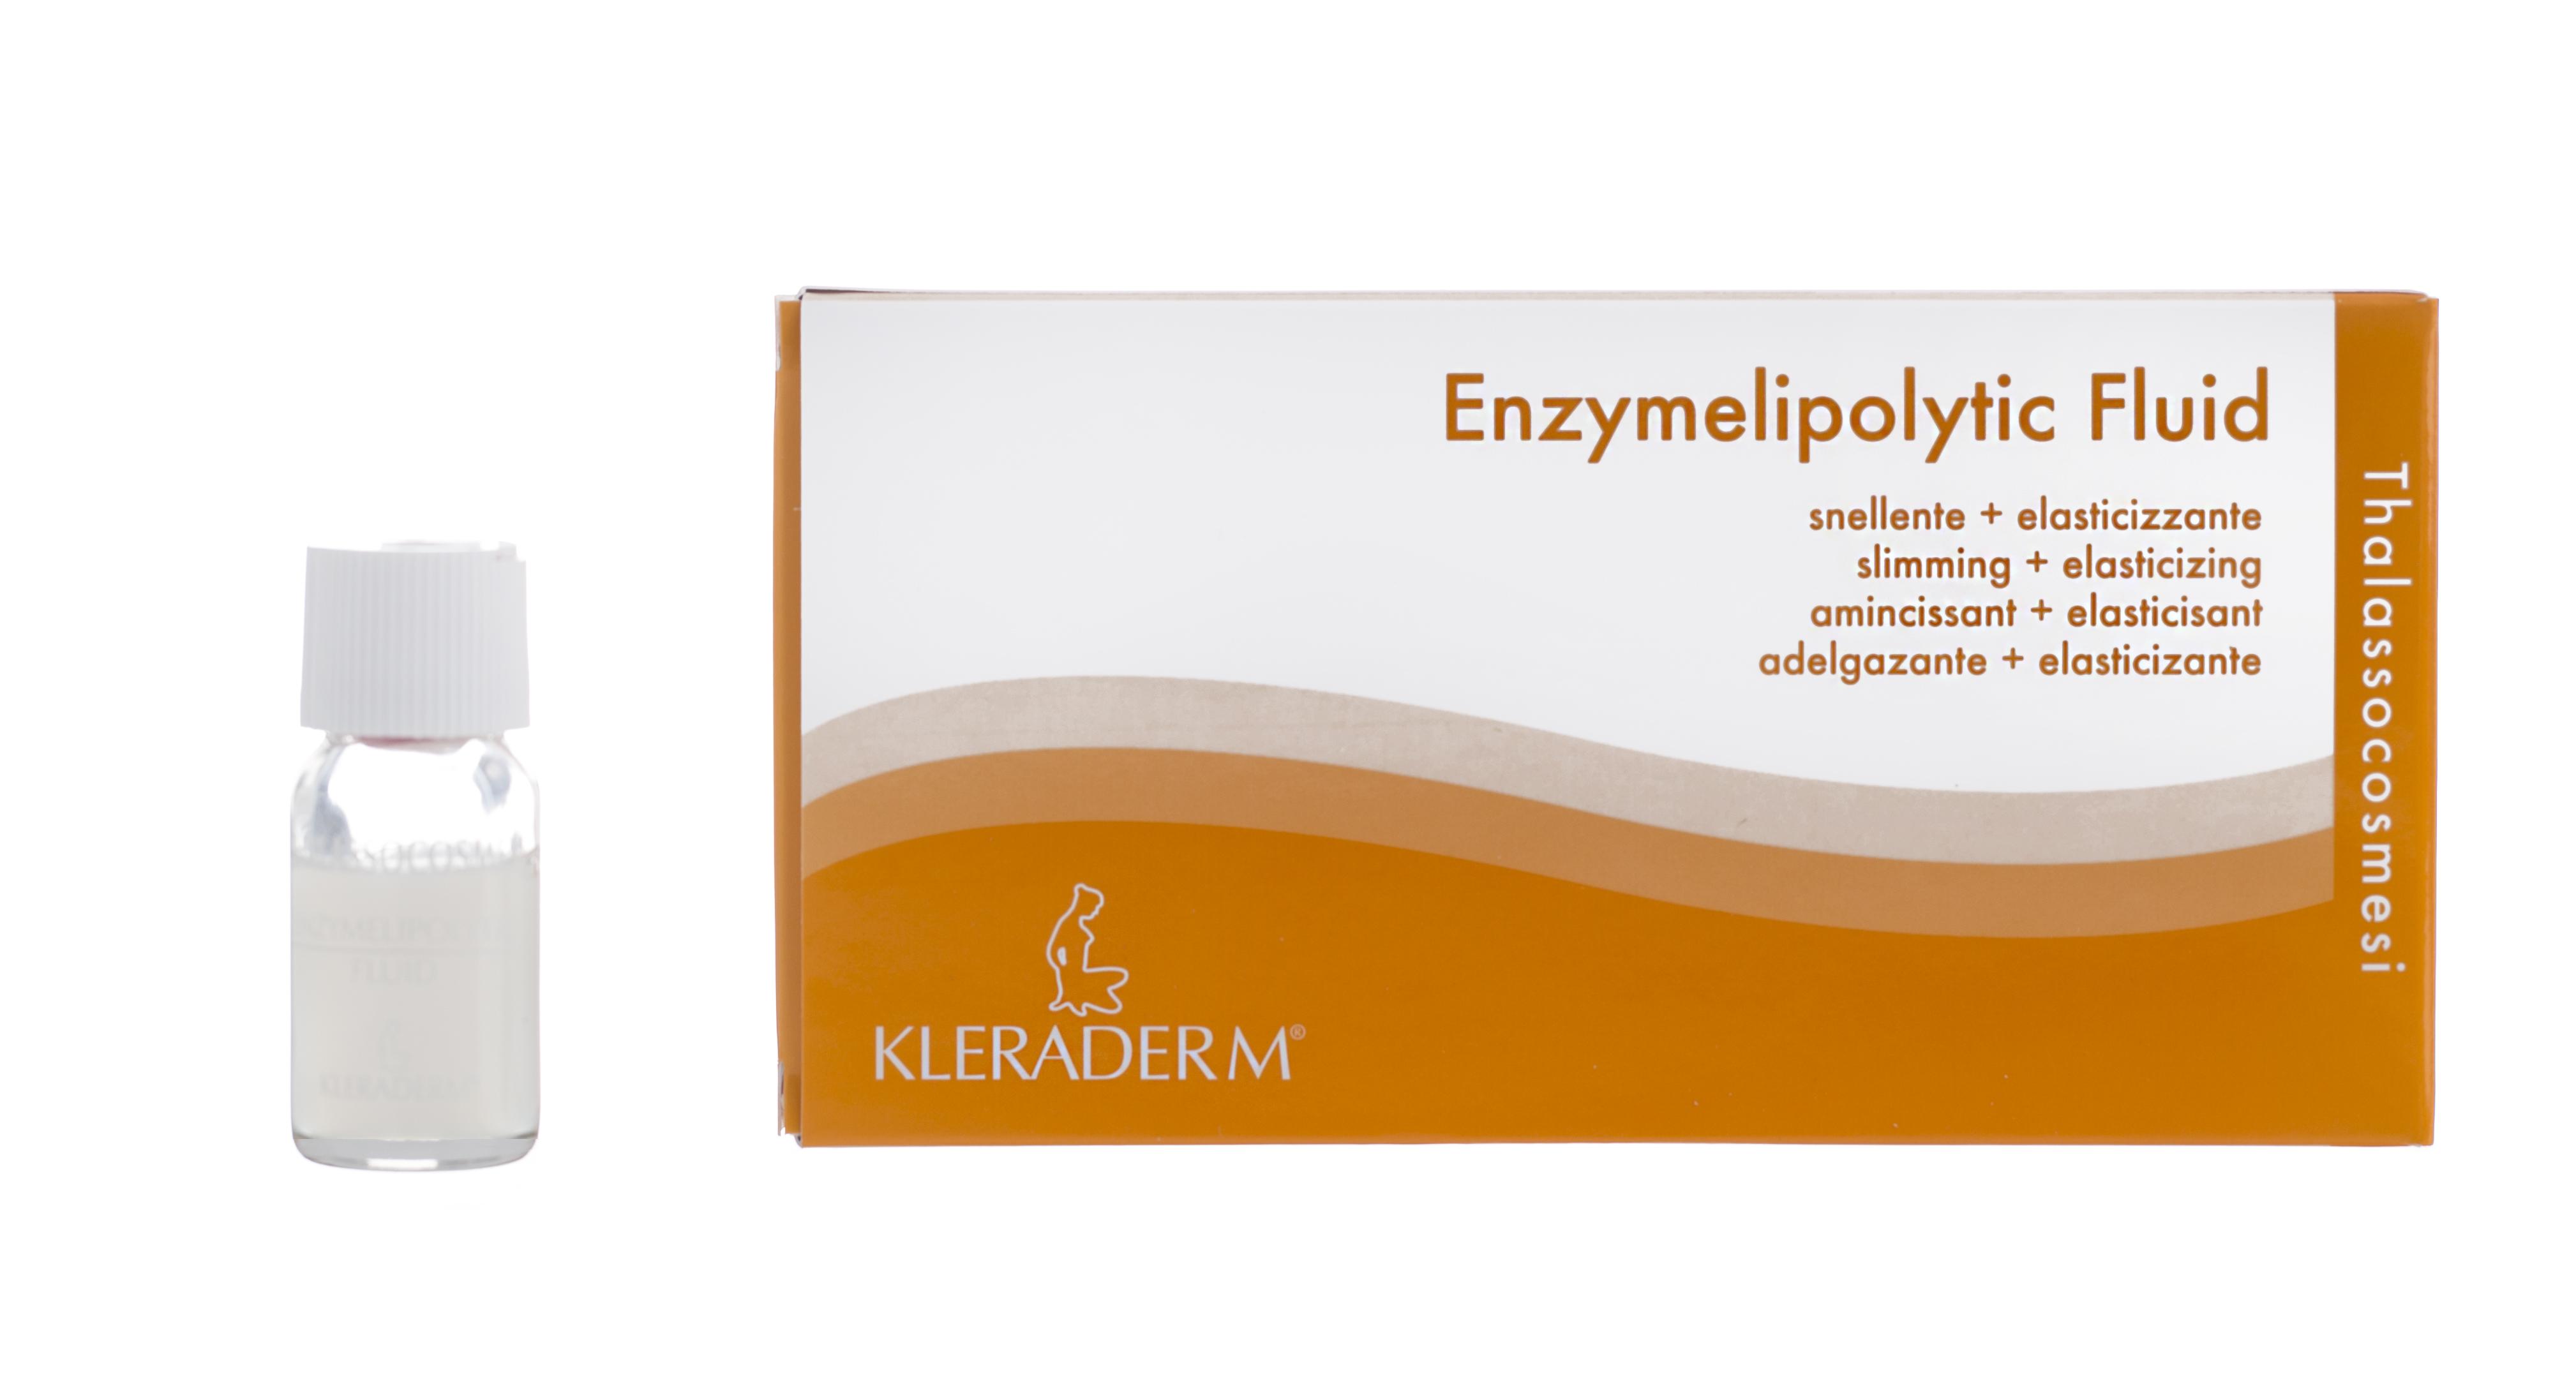 Enzymelipolytic Fluid